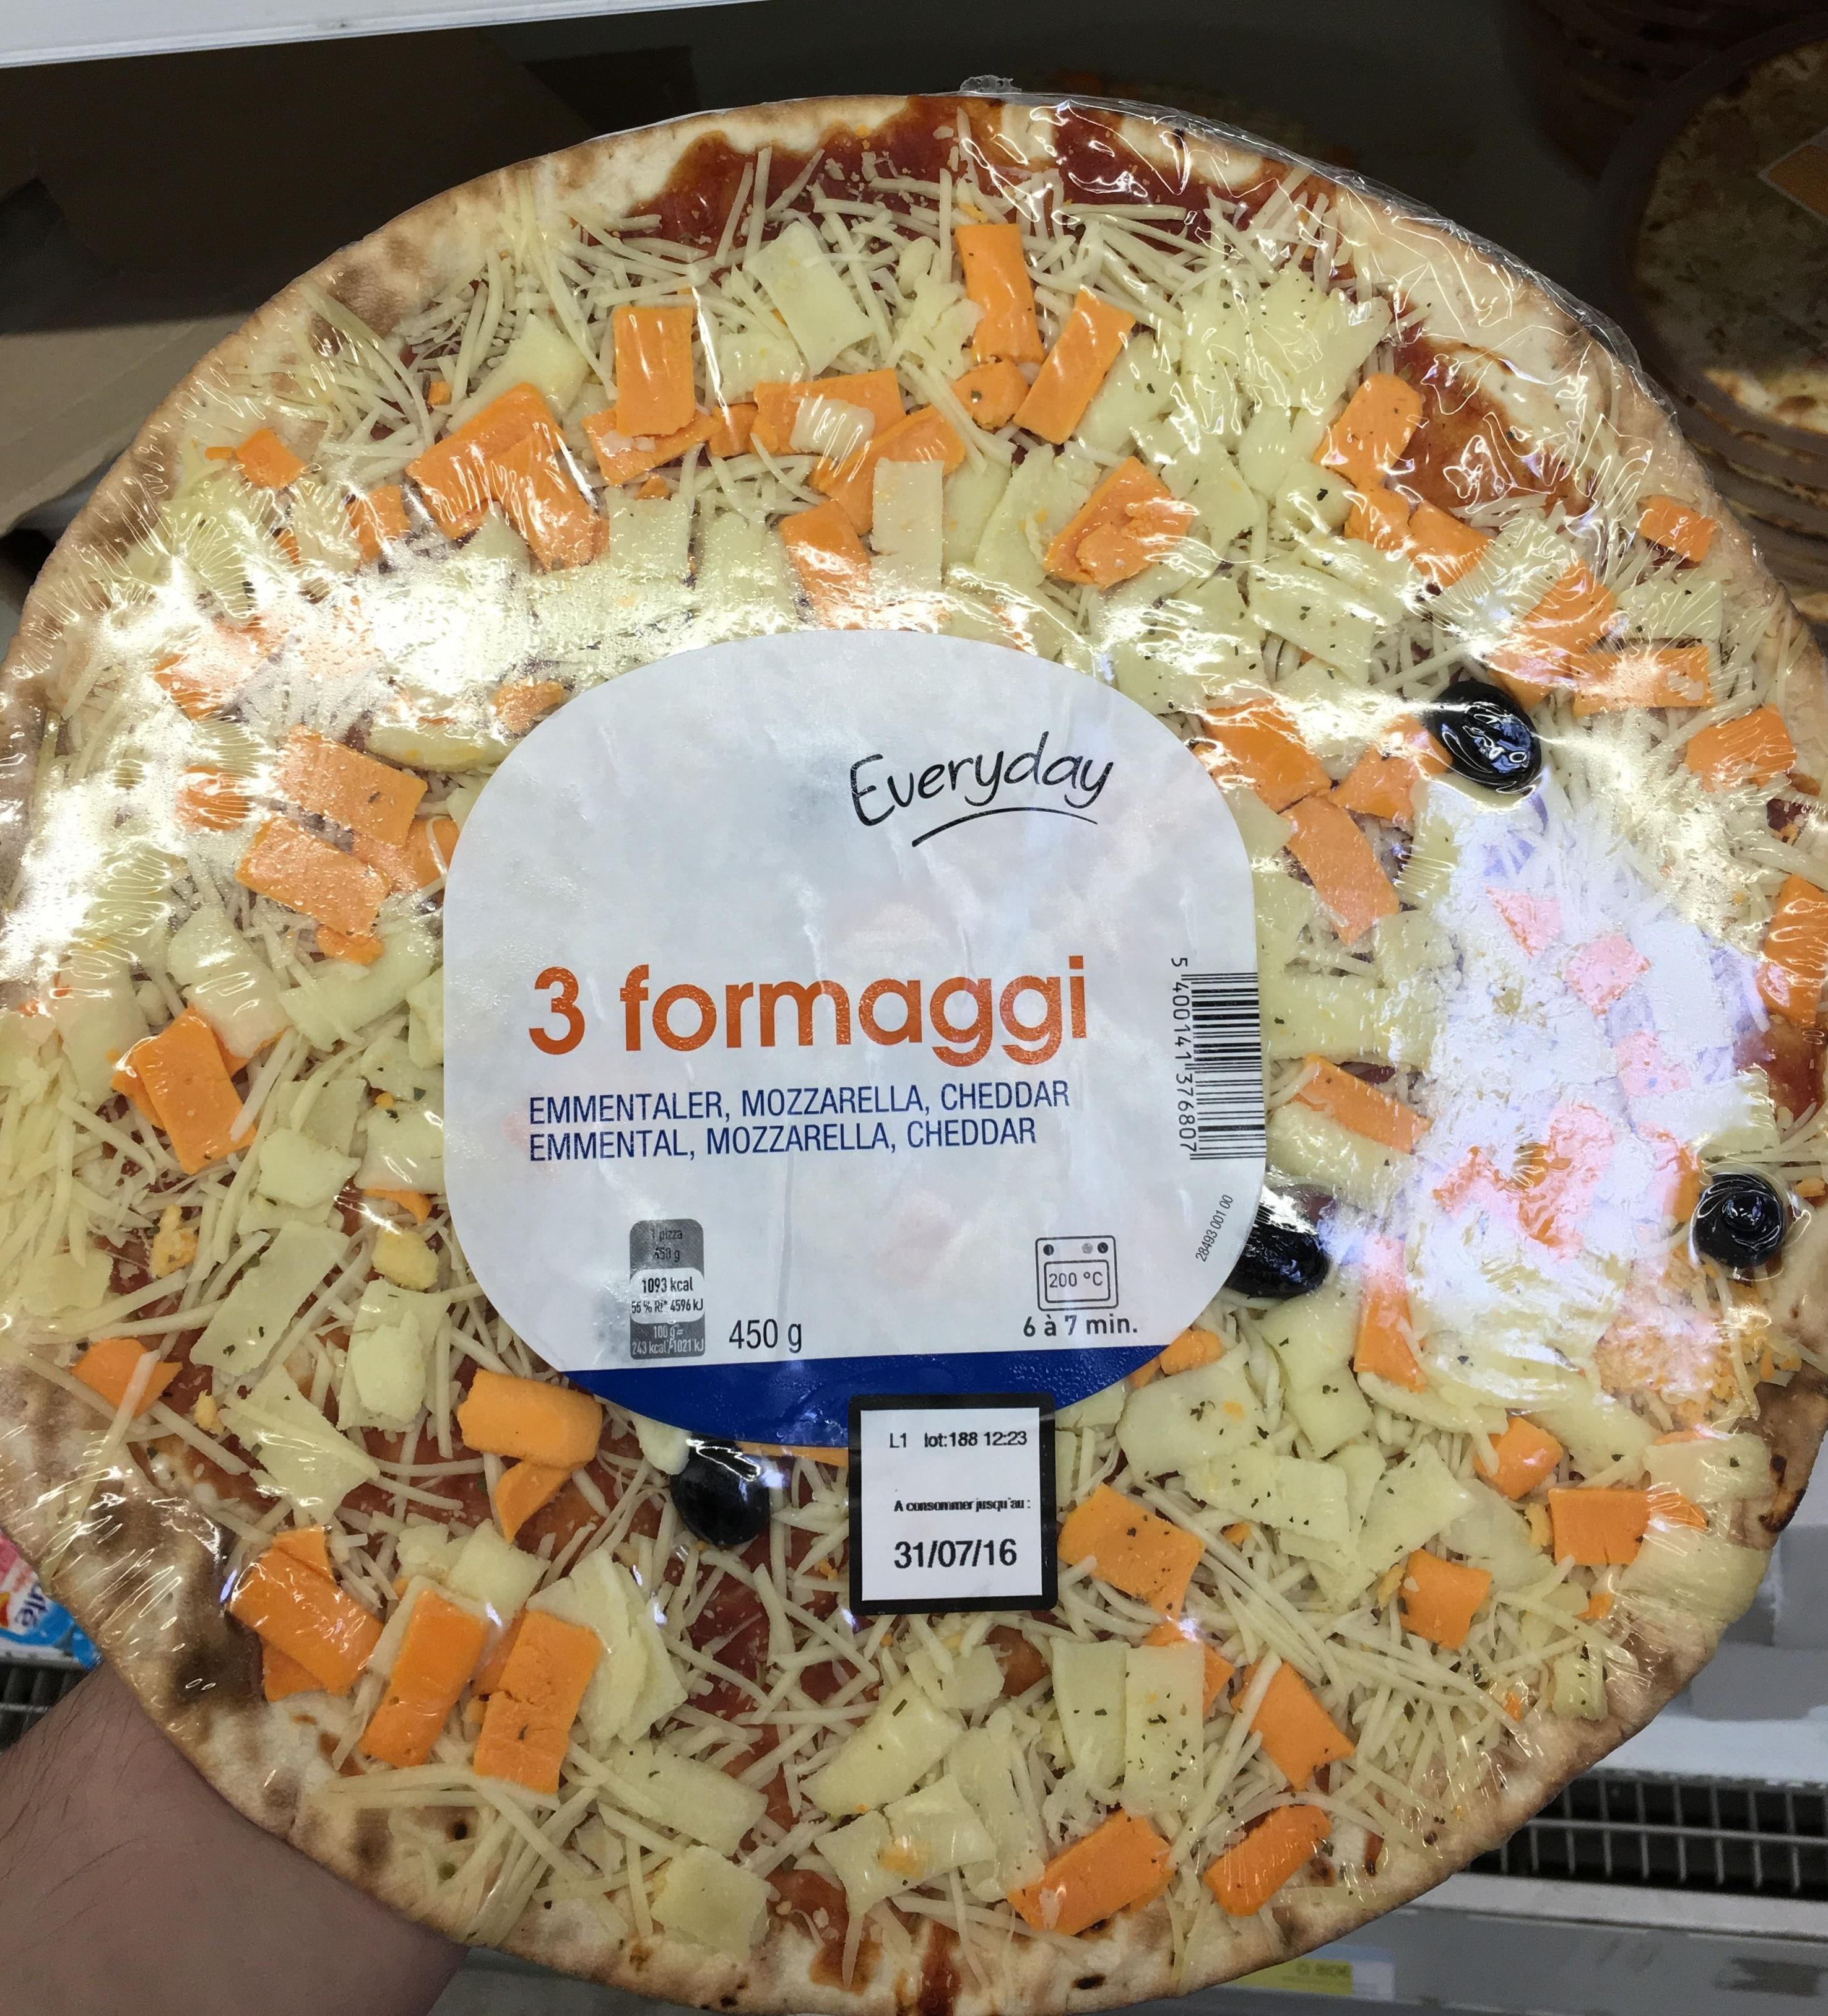 3 formaggi Emmental, Mozzarella, Cheddar - Product - fr